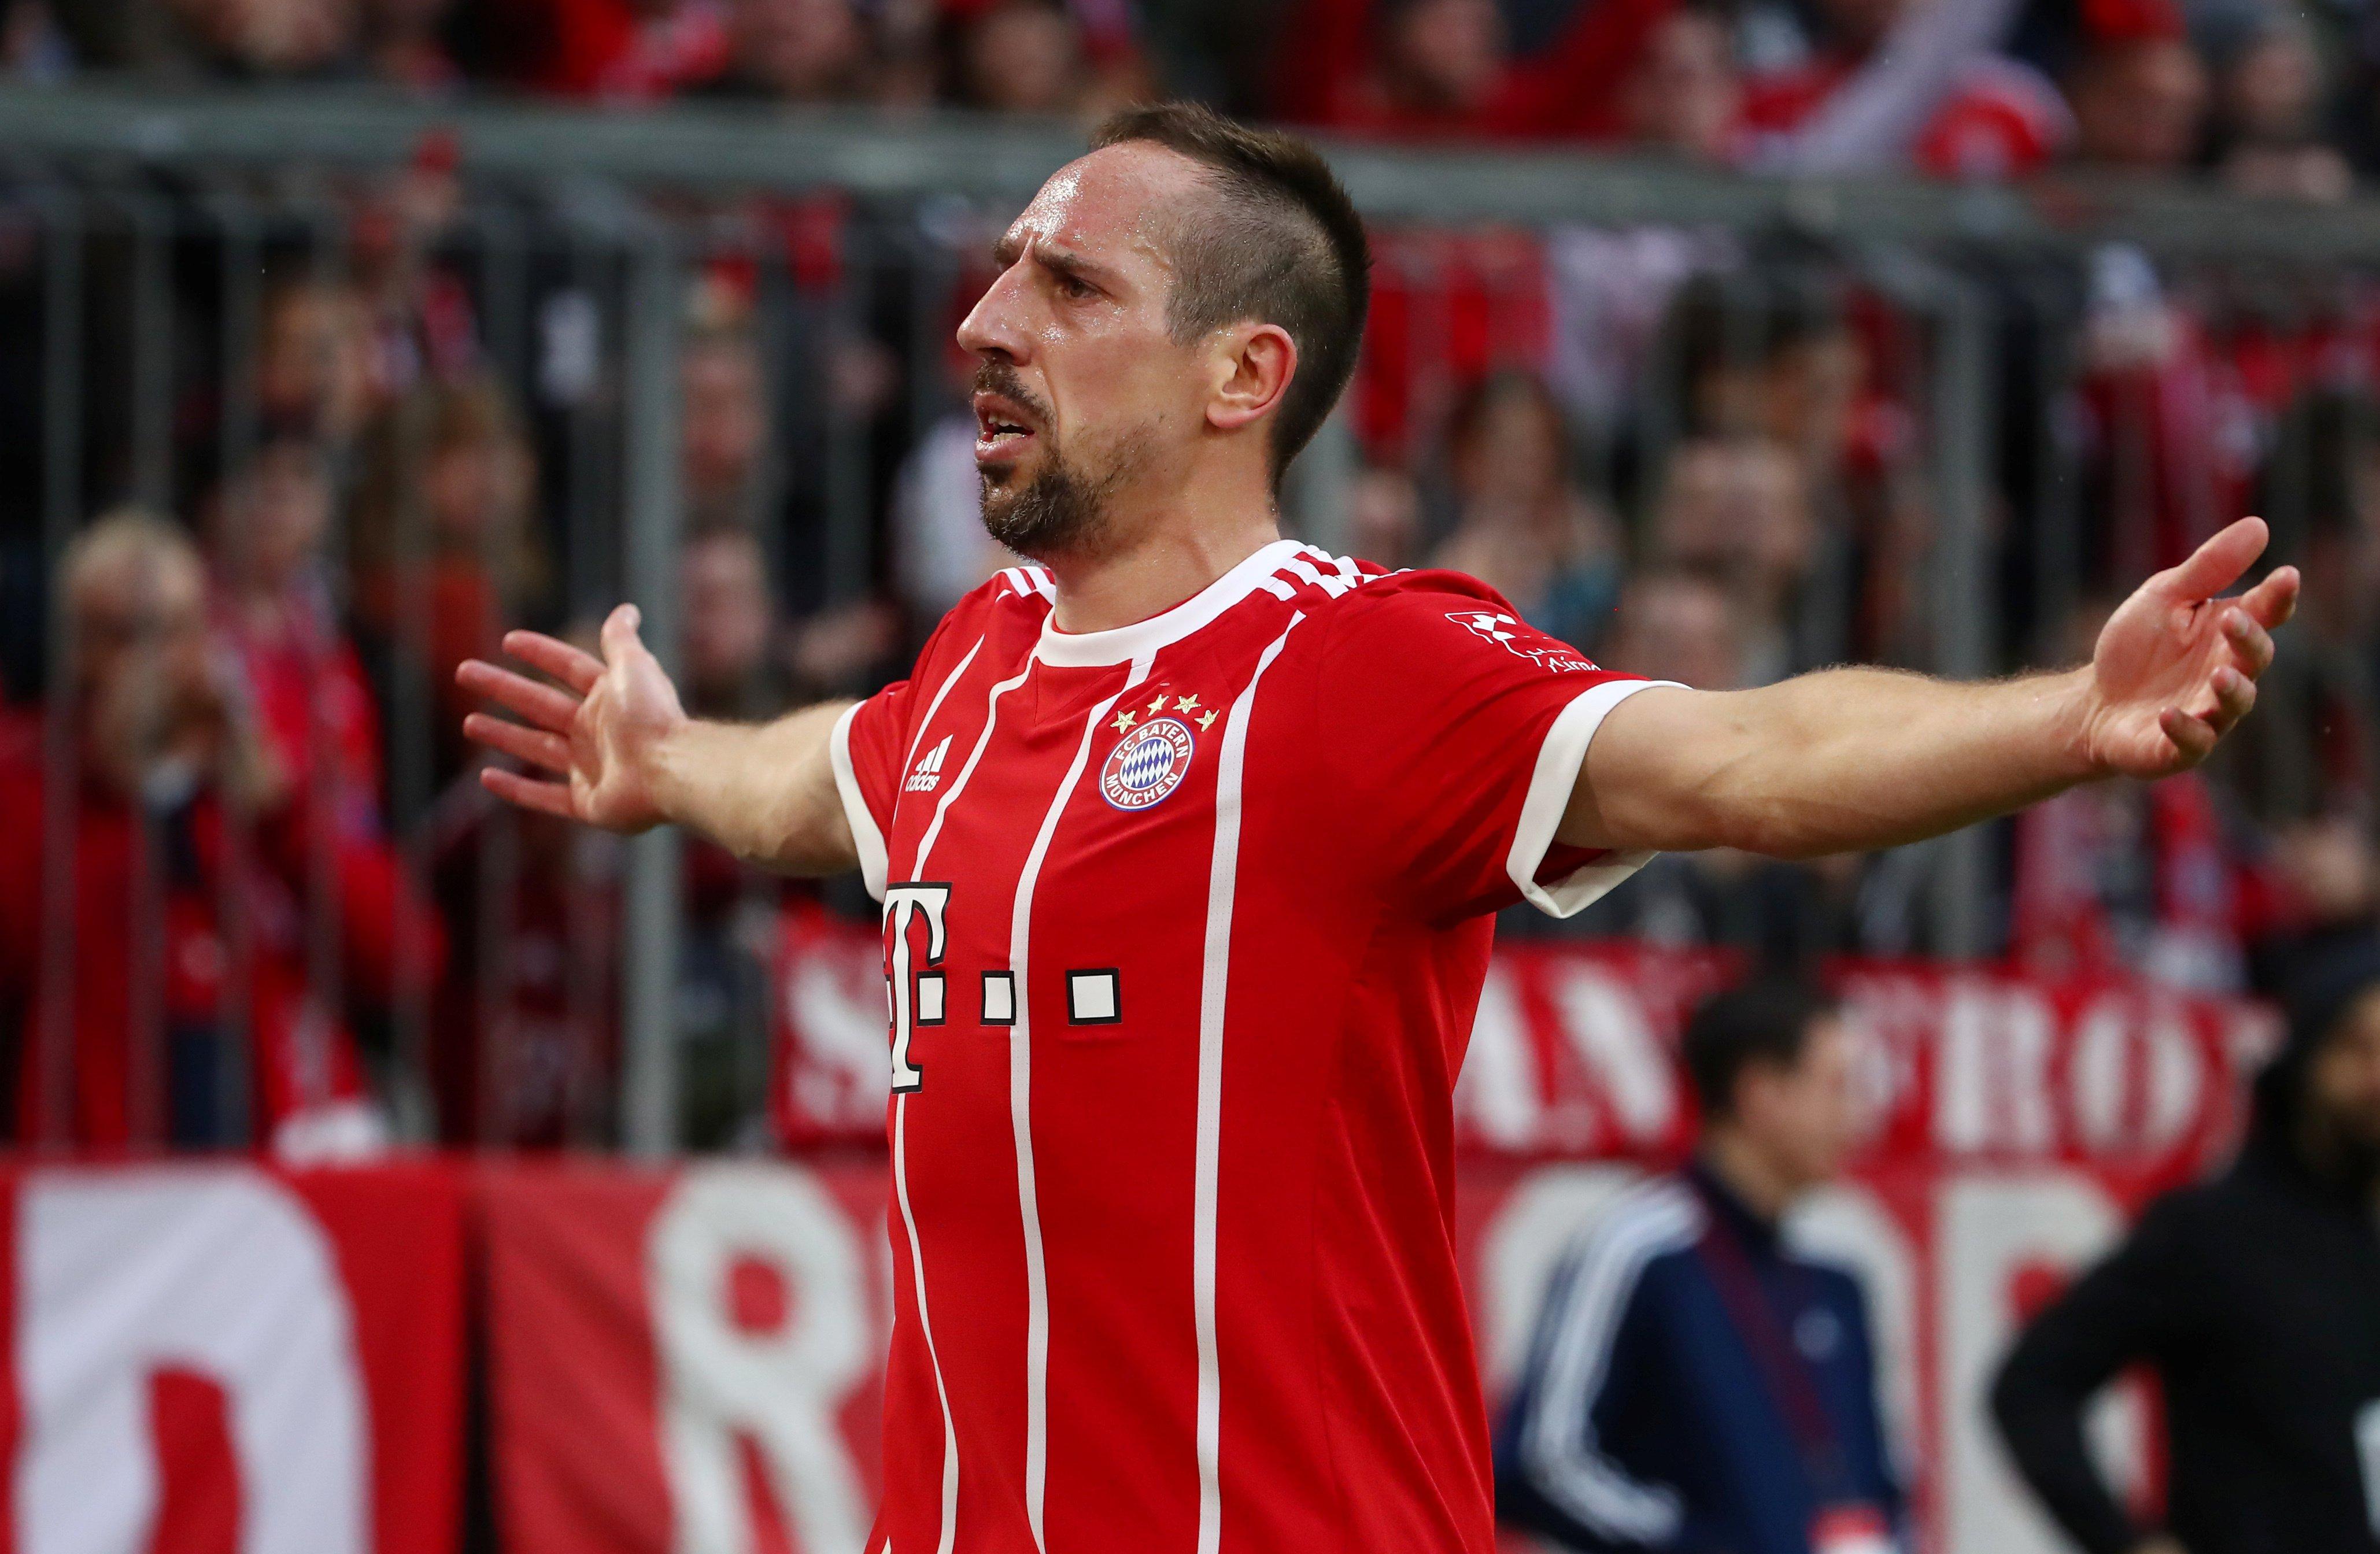 """[EXCLU Téléfoot 19/05] - Ribéry sur le Ballon d'Or 2013 : """"Une grande cicatrice"""""""